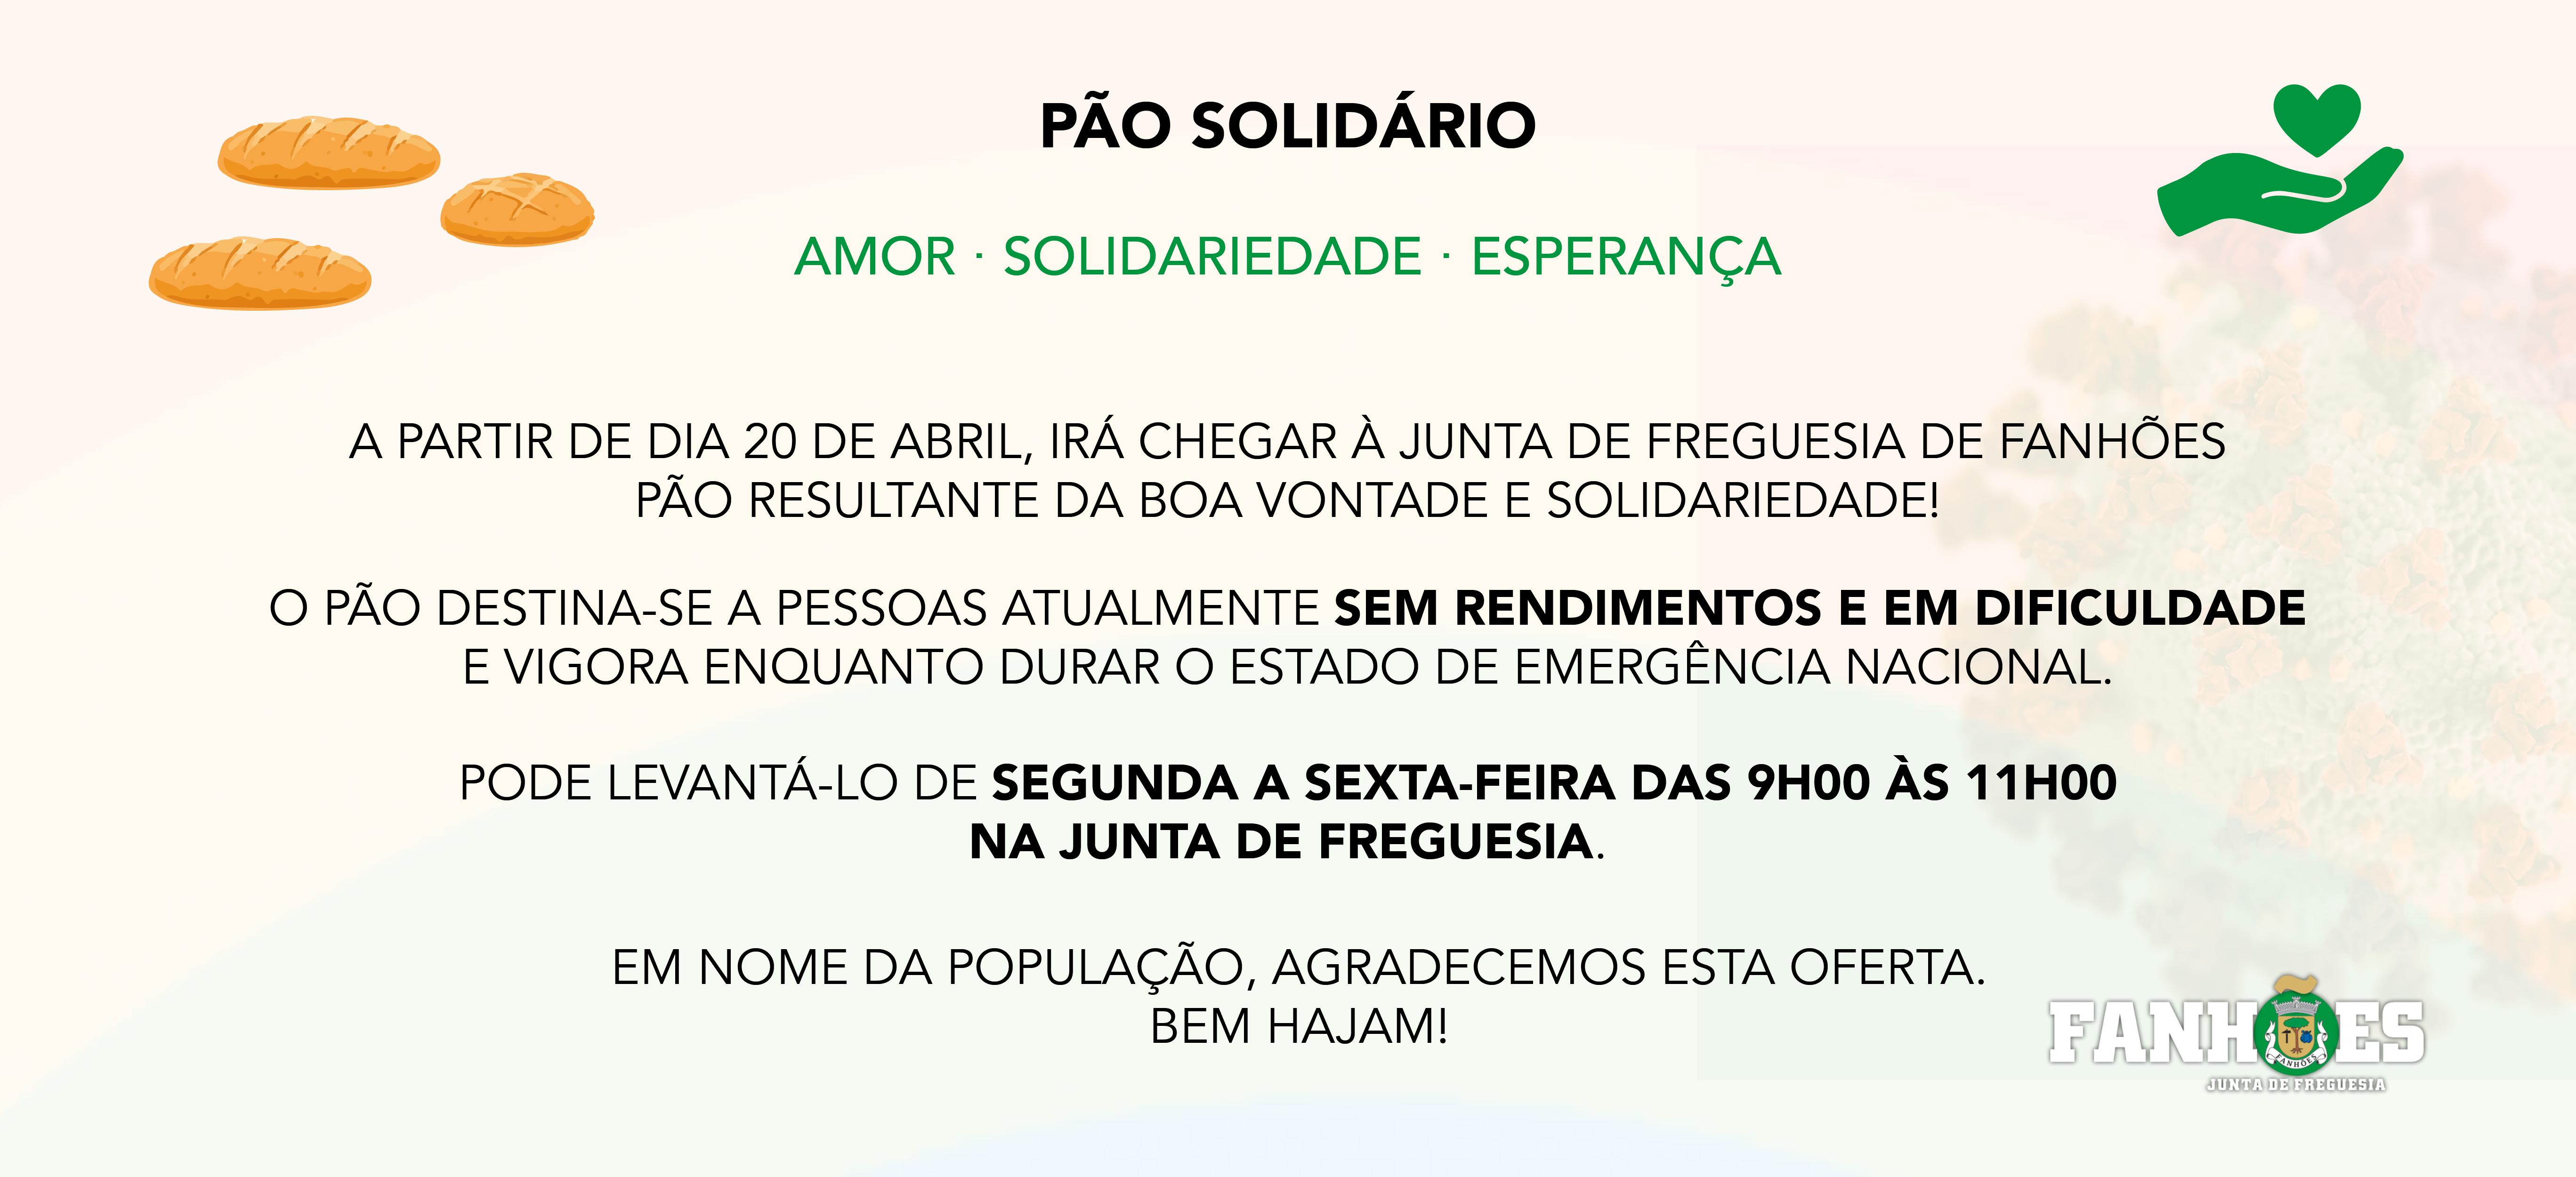 PÃO SOLIDÁRIO  – Graças à solidariedade de uma concidadã, irá chegar à Junta de Freguesia a partir de dia 20 de abril pão para ser levantado por quem necessita!